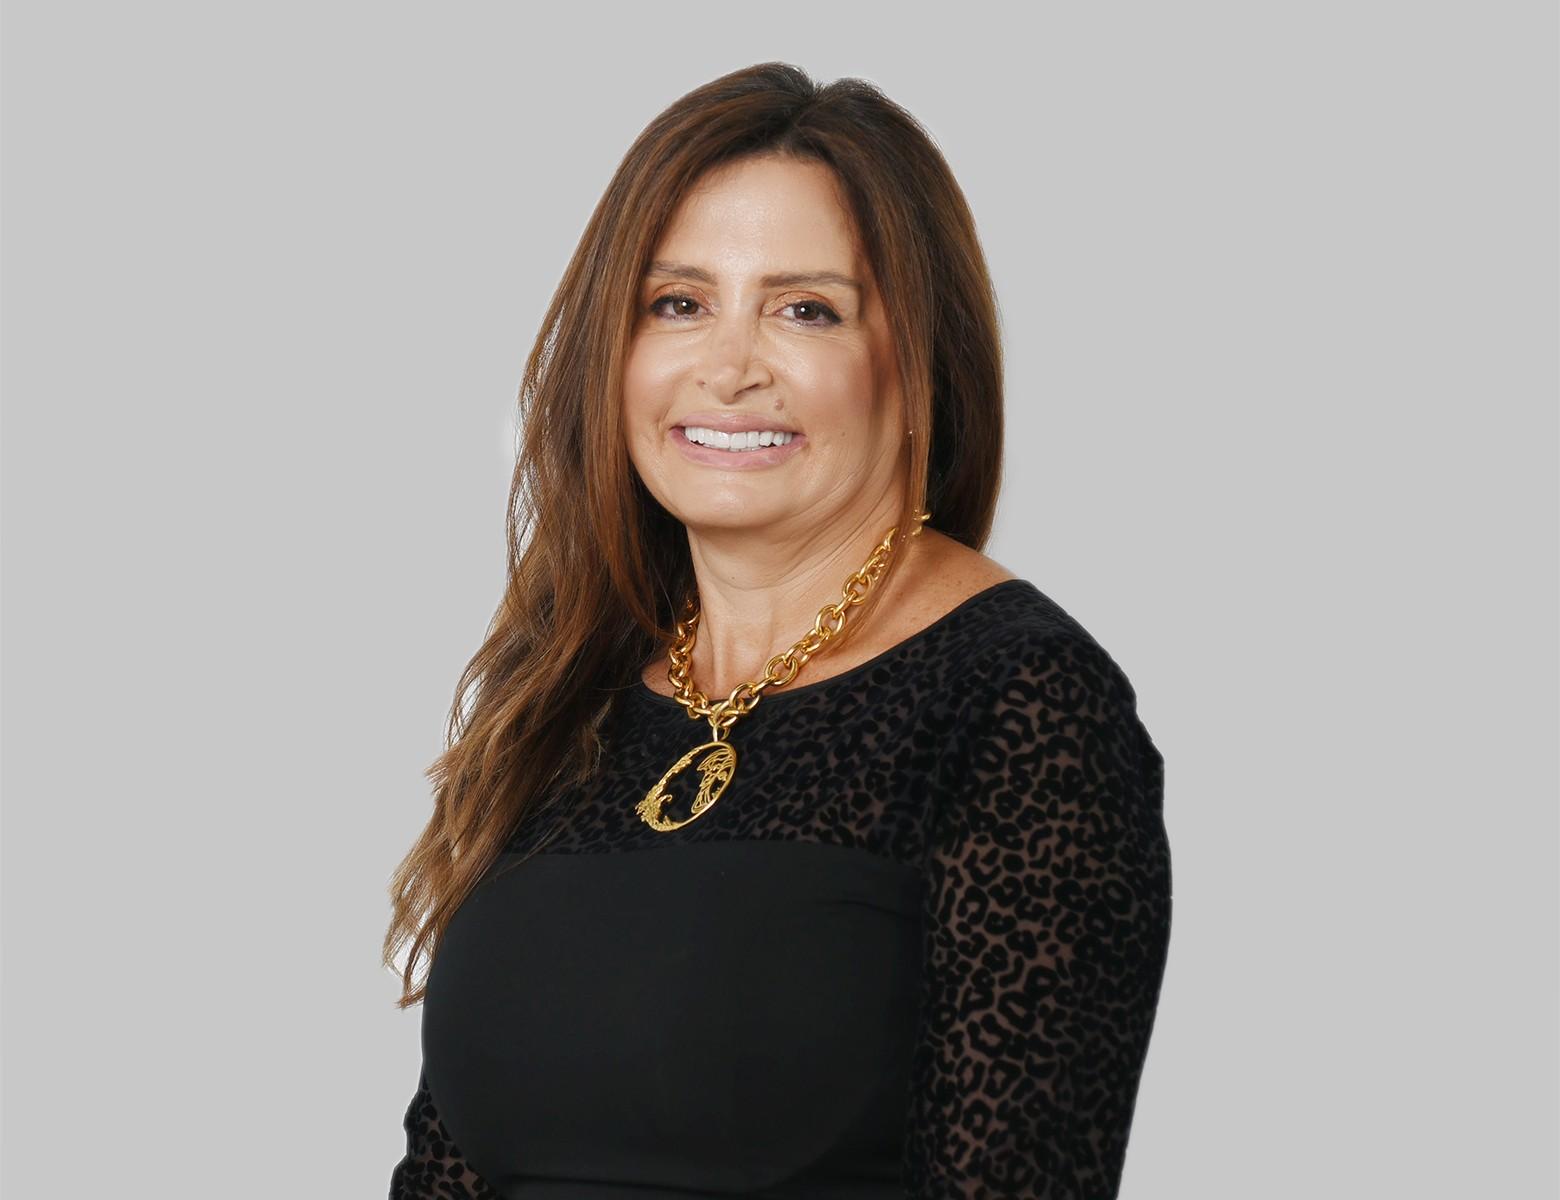 Rita Mouawad